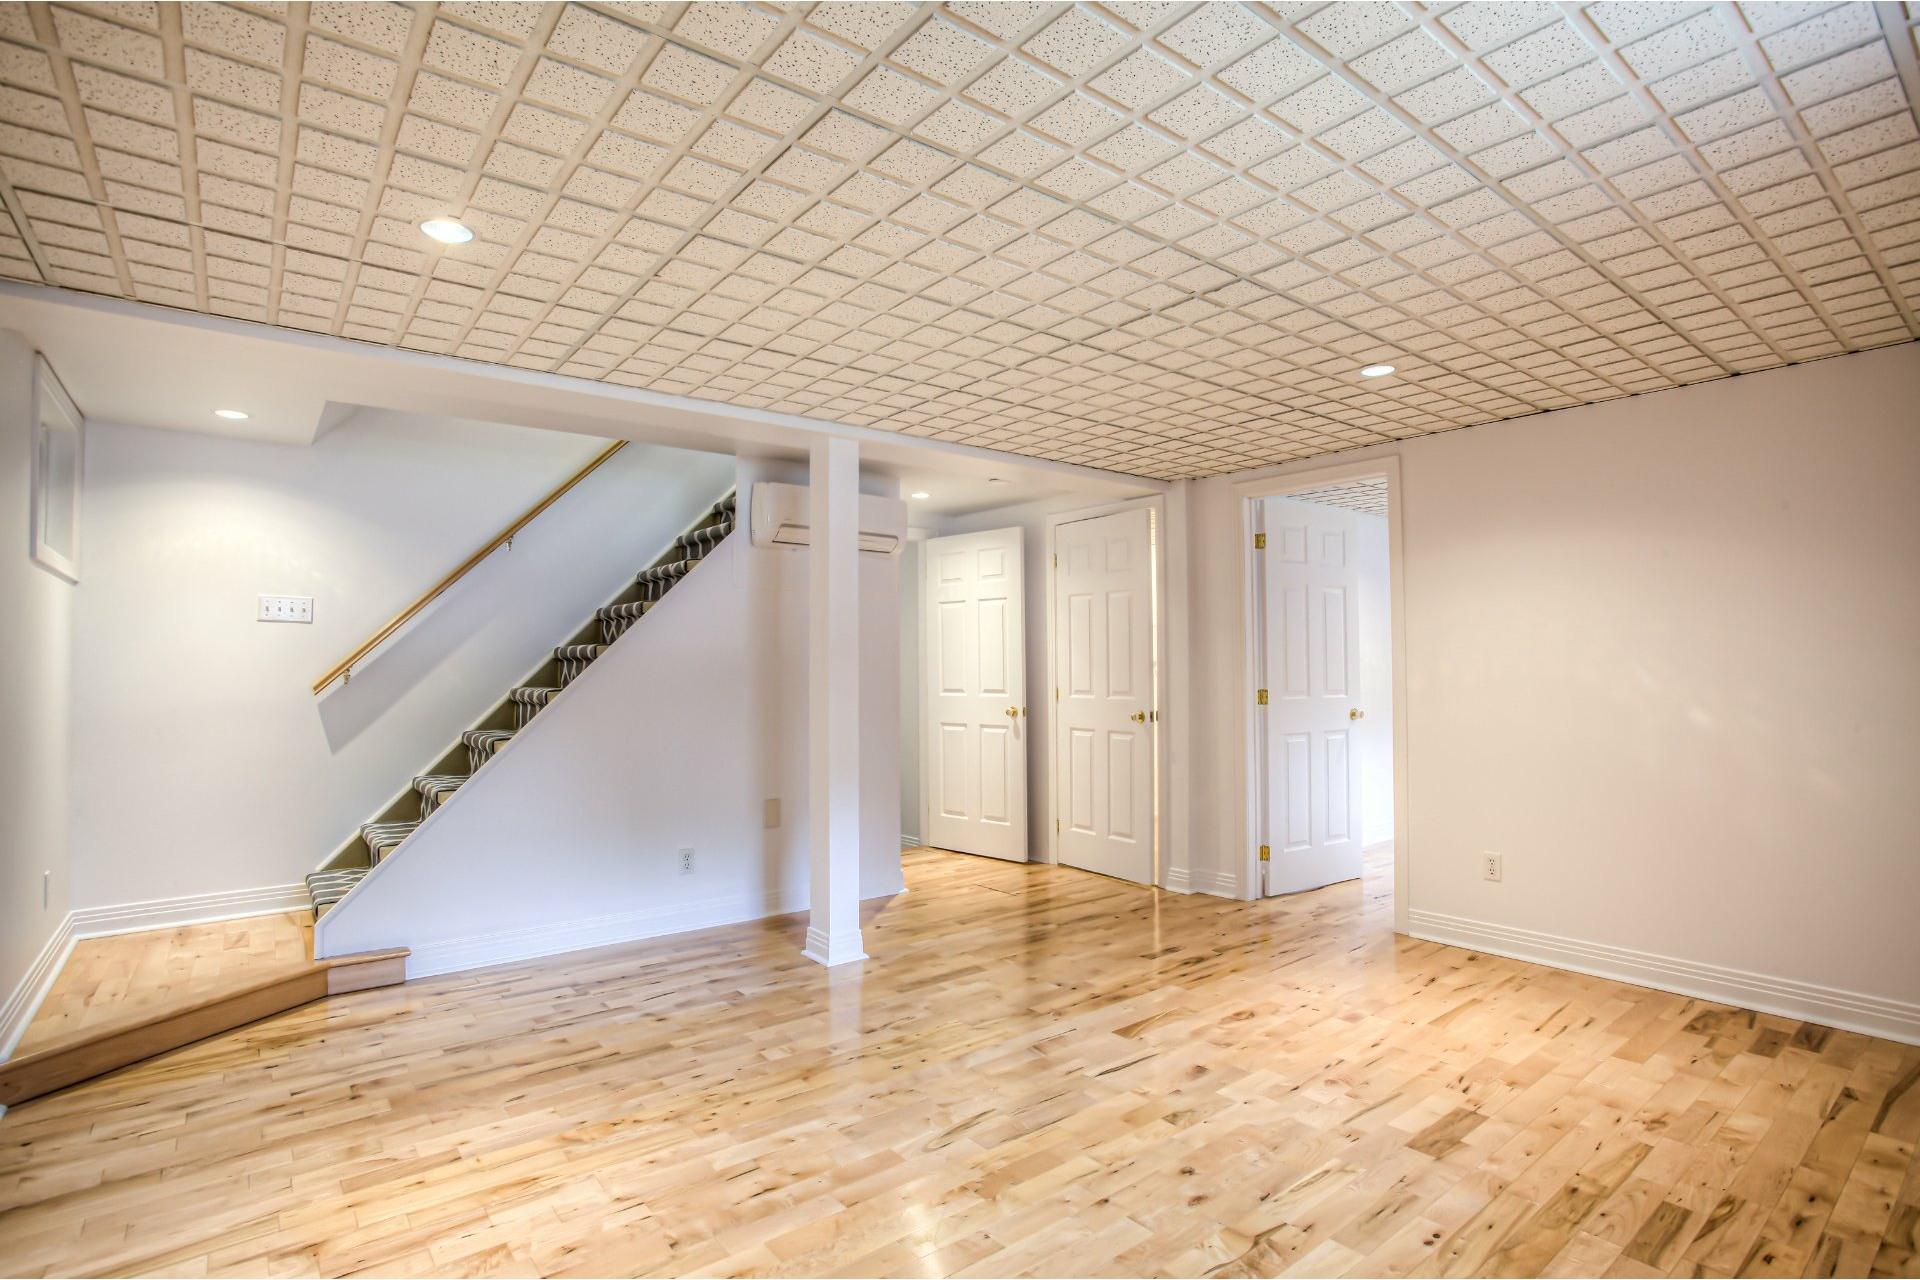 image 16 - Duplex À vendre Le Sud-Ouest Montréal  - 7 pièces